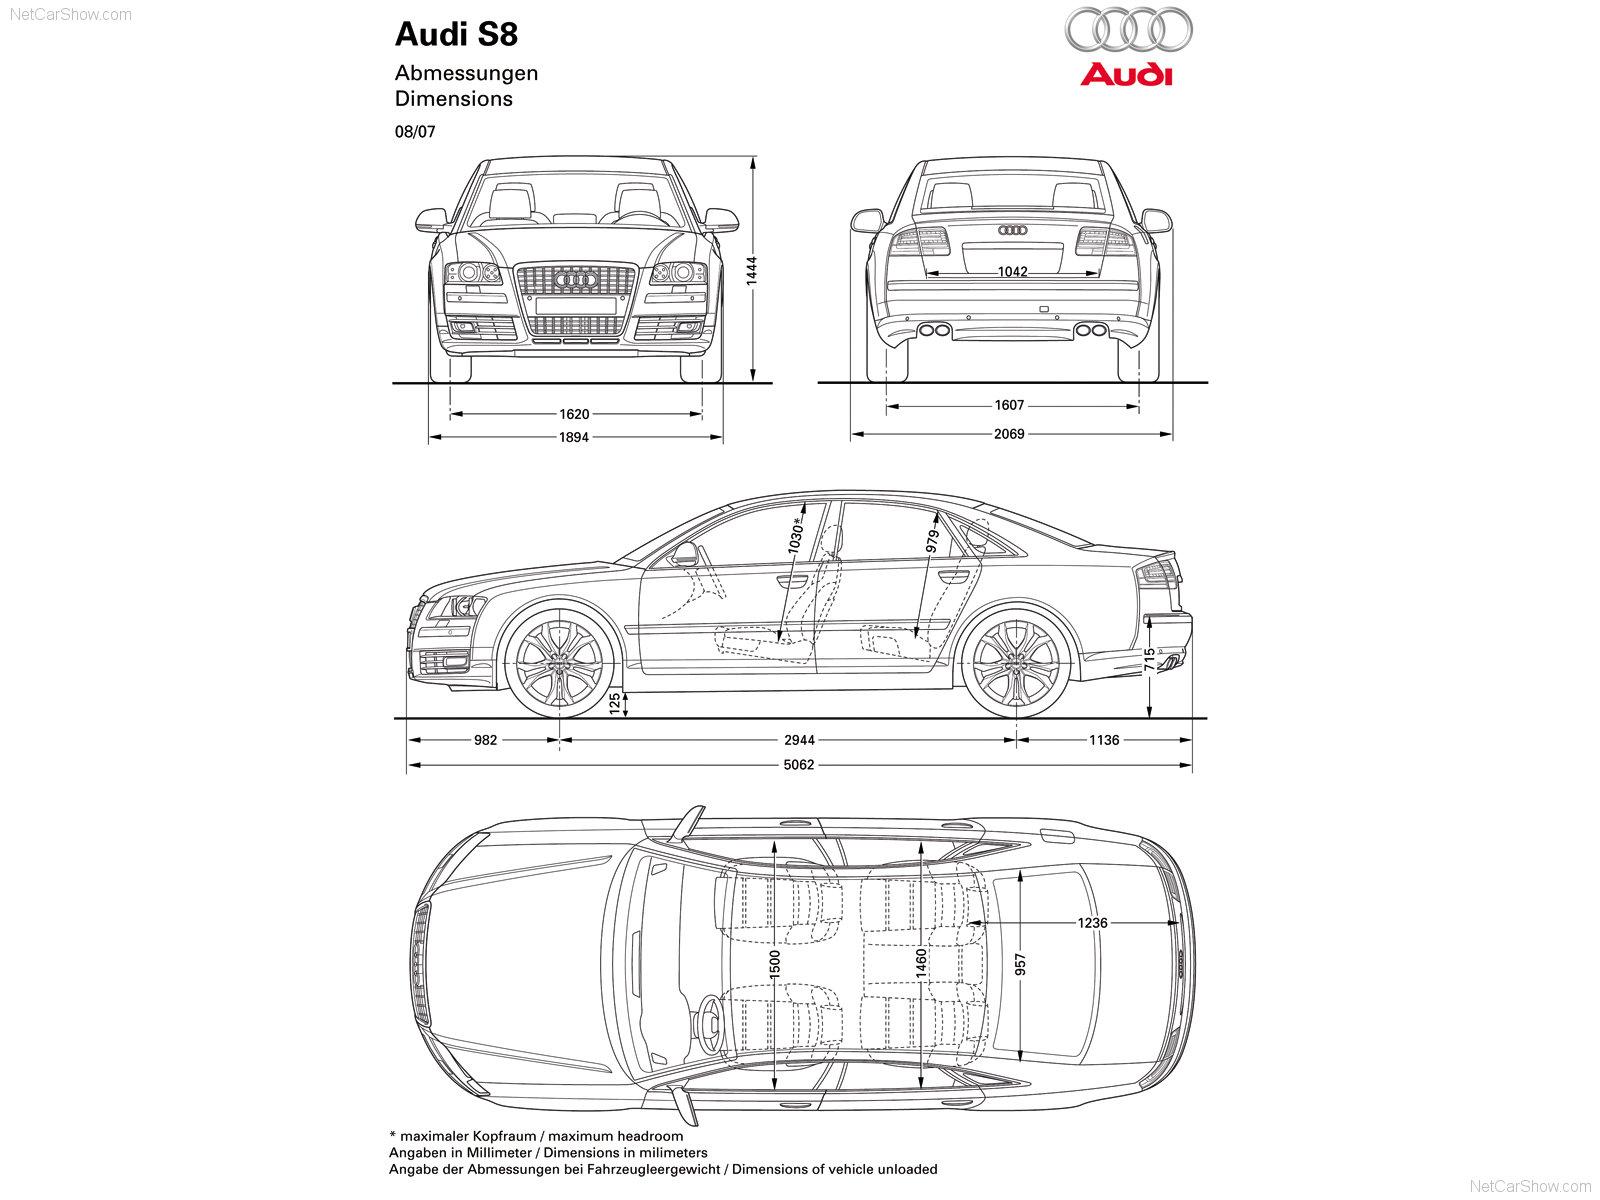 Тюнинг Audi A8, фото тюнинга Ауди А8 рестайлинг 2007 года